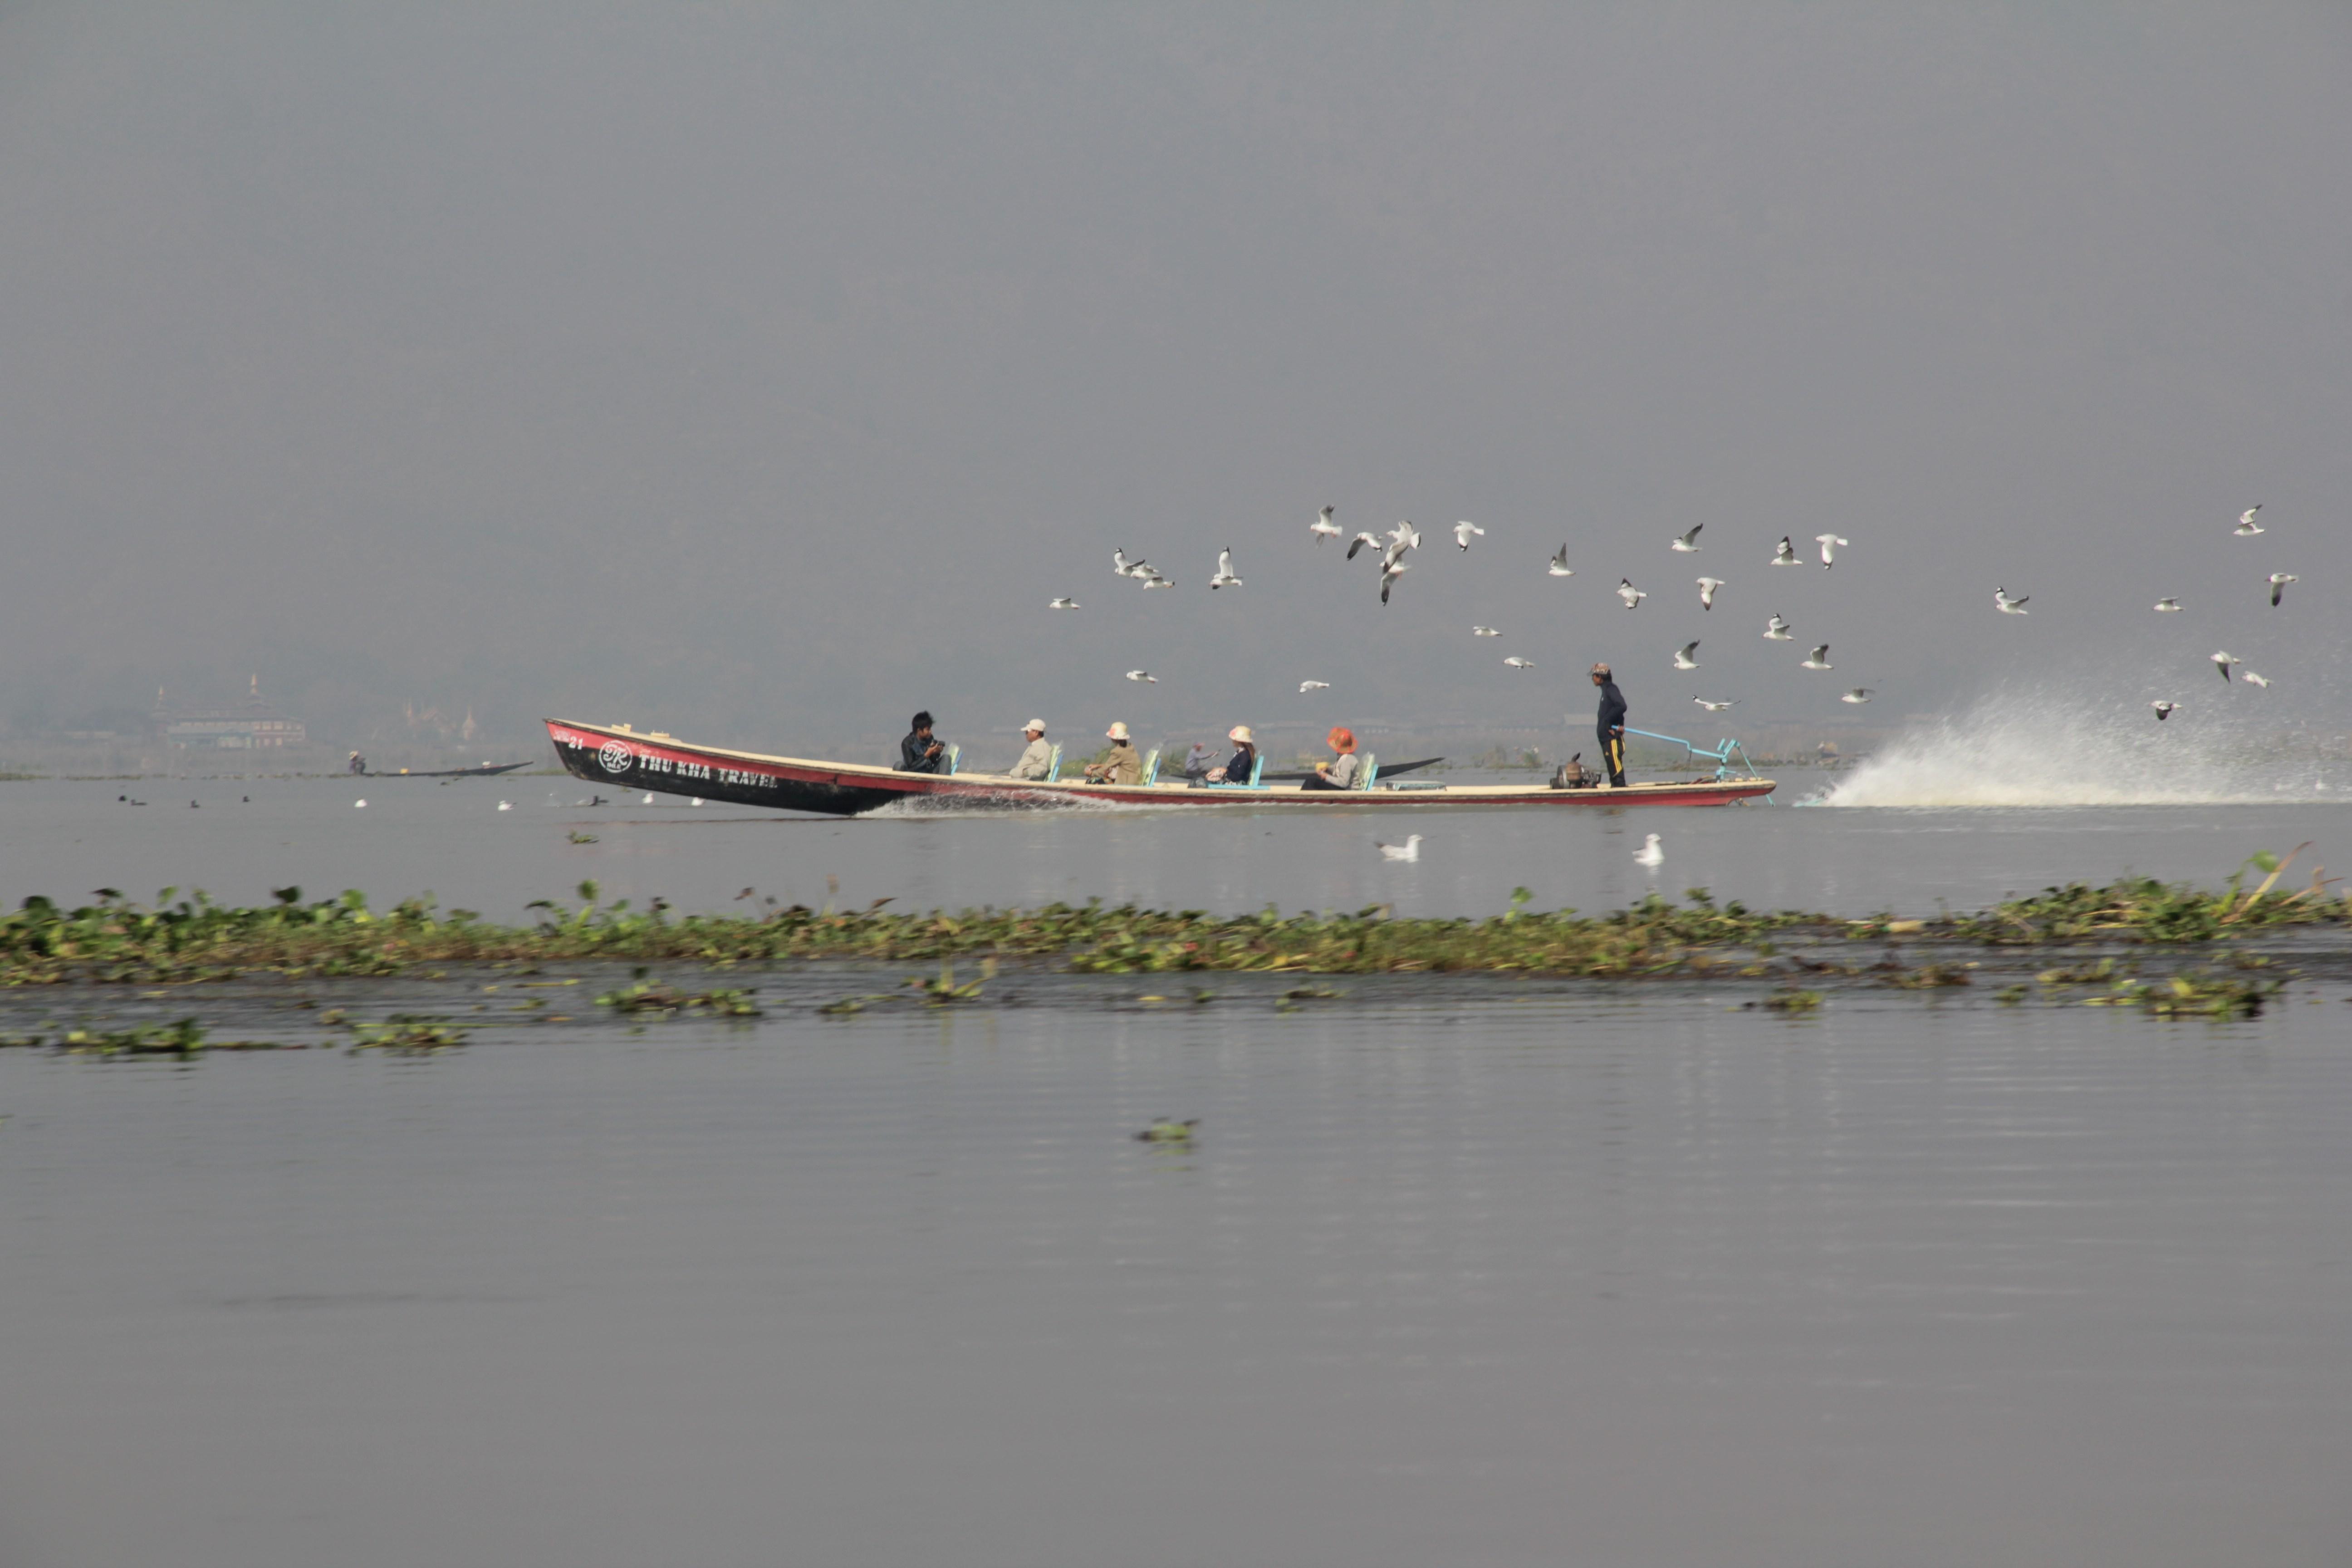 Nuée de mouettes au dessus d'une pirogue à moteur sur le lac (© Jérôme Decoster).